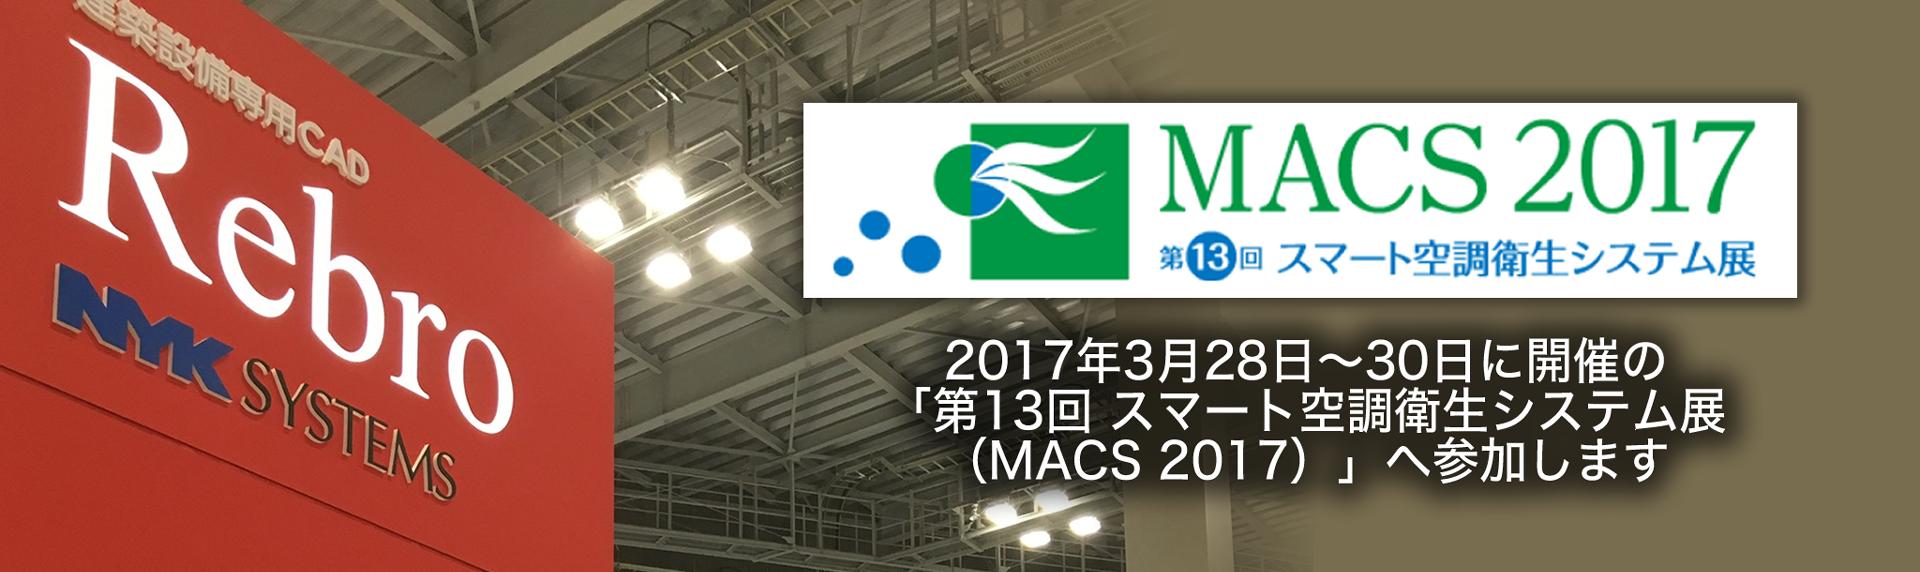 MACS2017